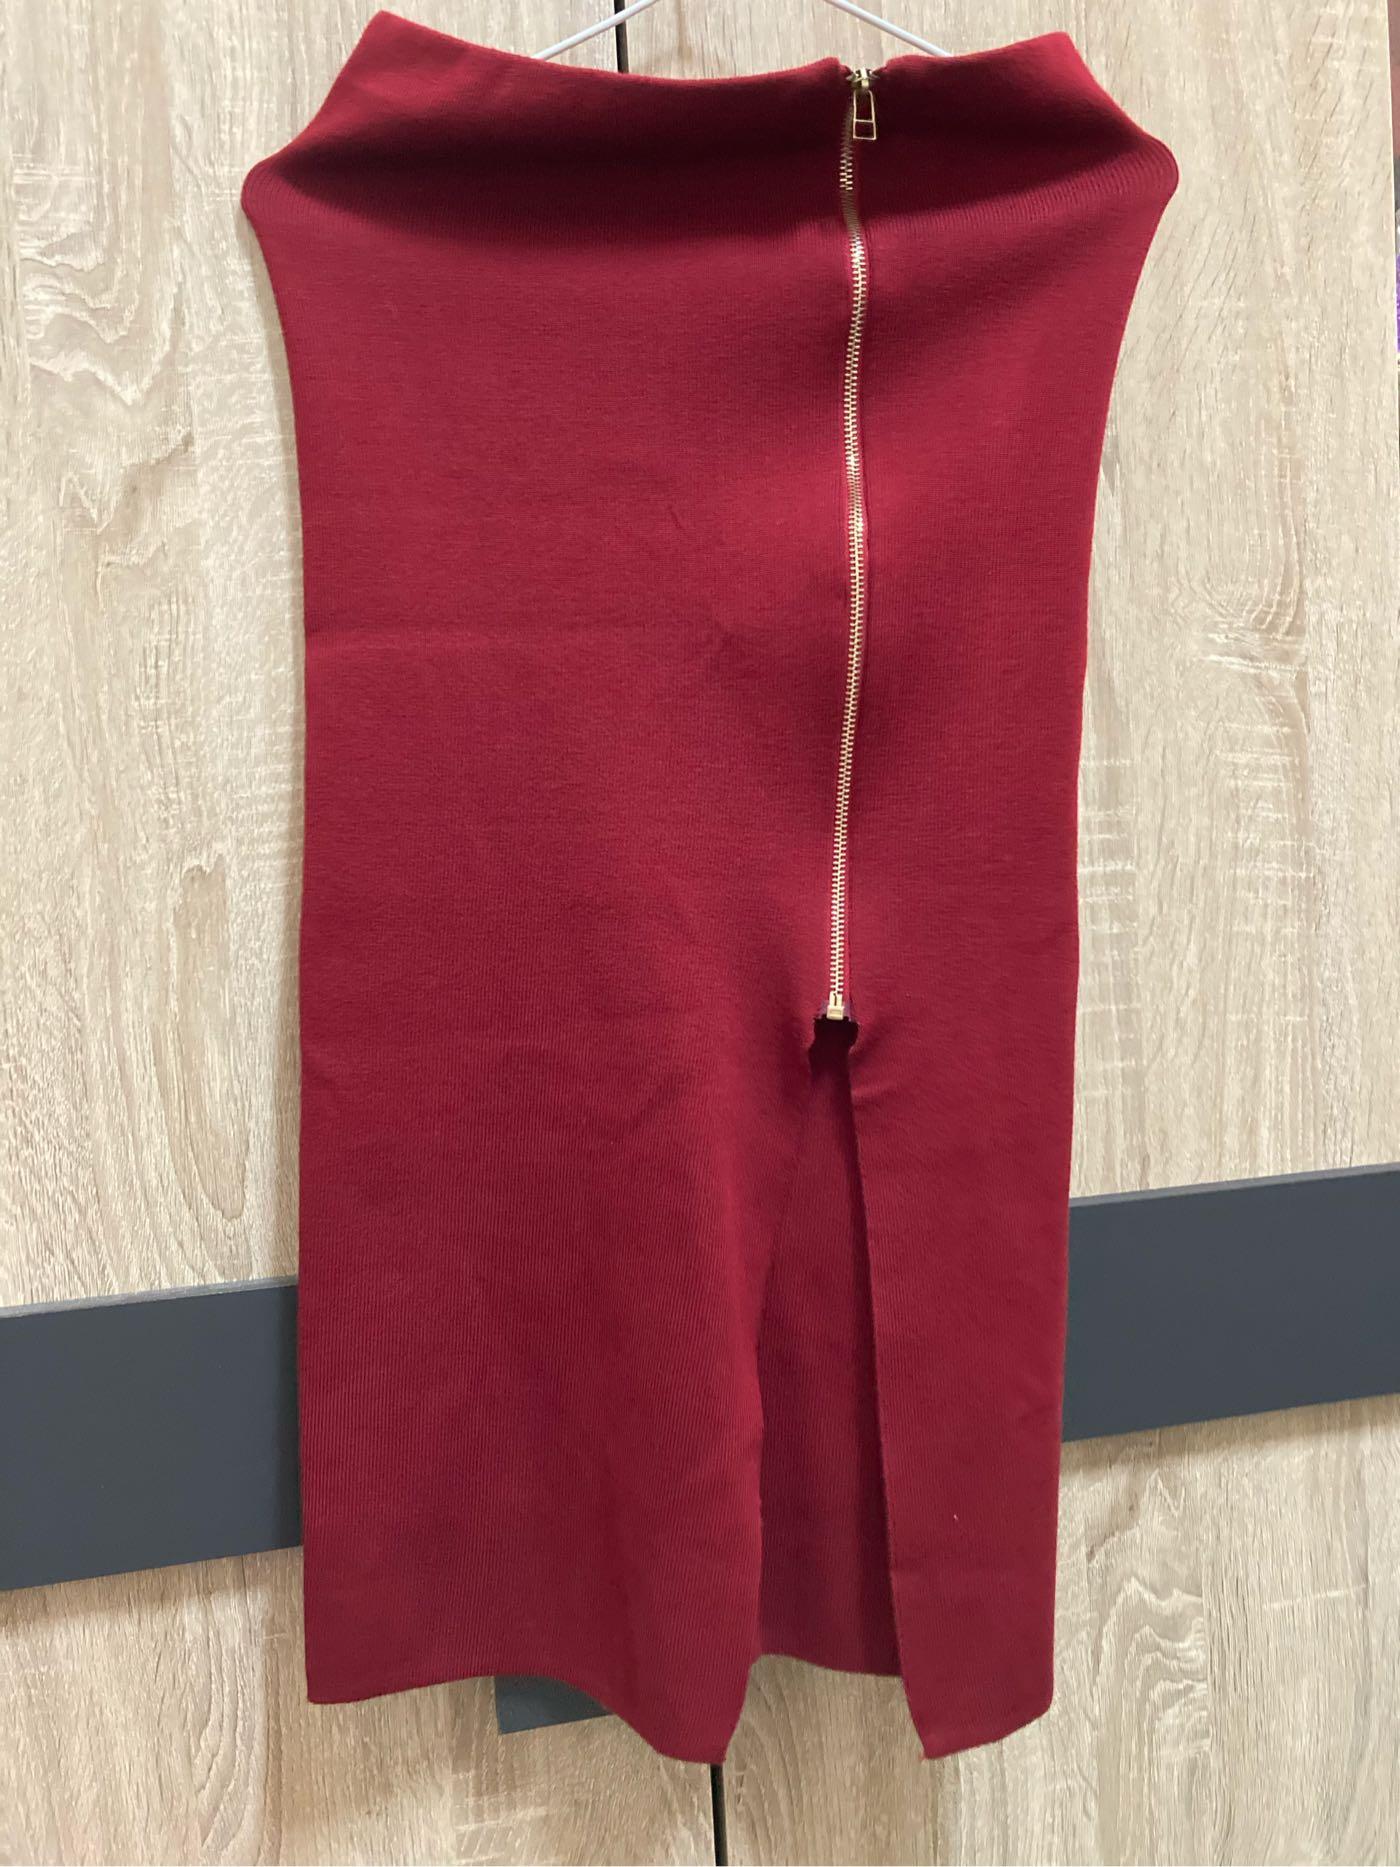 8-9成新!酒紅色針織開衩拉鍊裙,適合喜宴喜酒、尾牙、上班族也適合,適合SML的寶貝